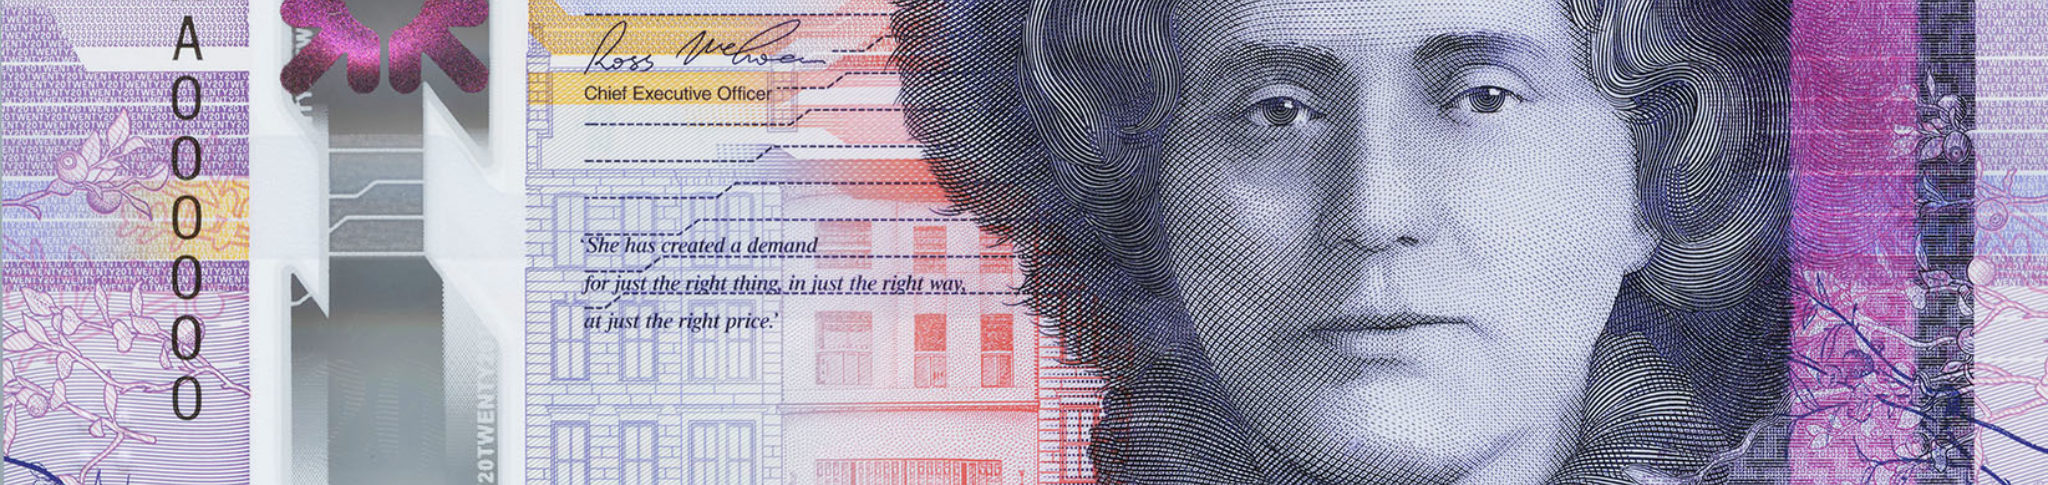 Royal Bank of Scotland 20 front